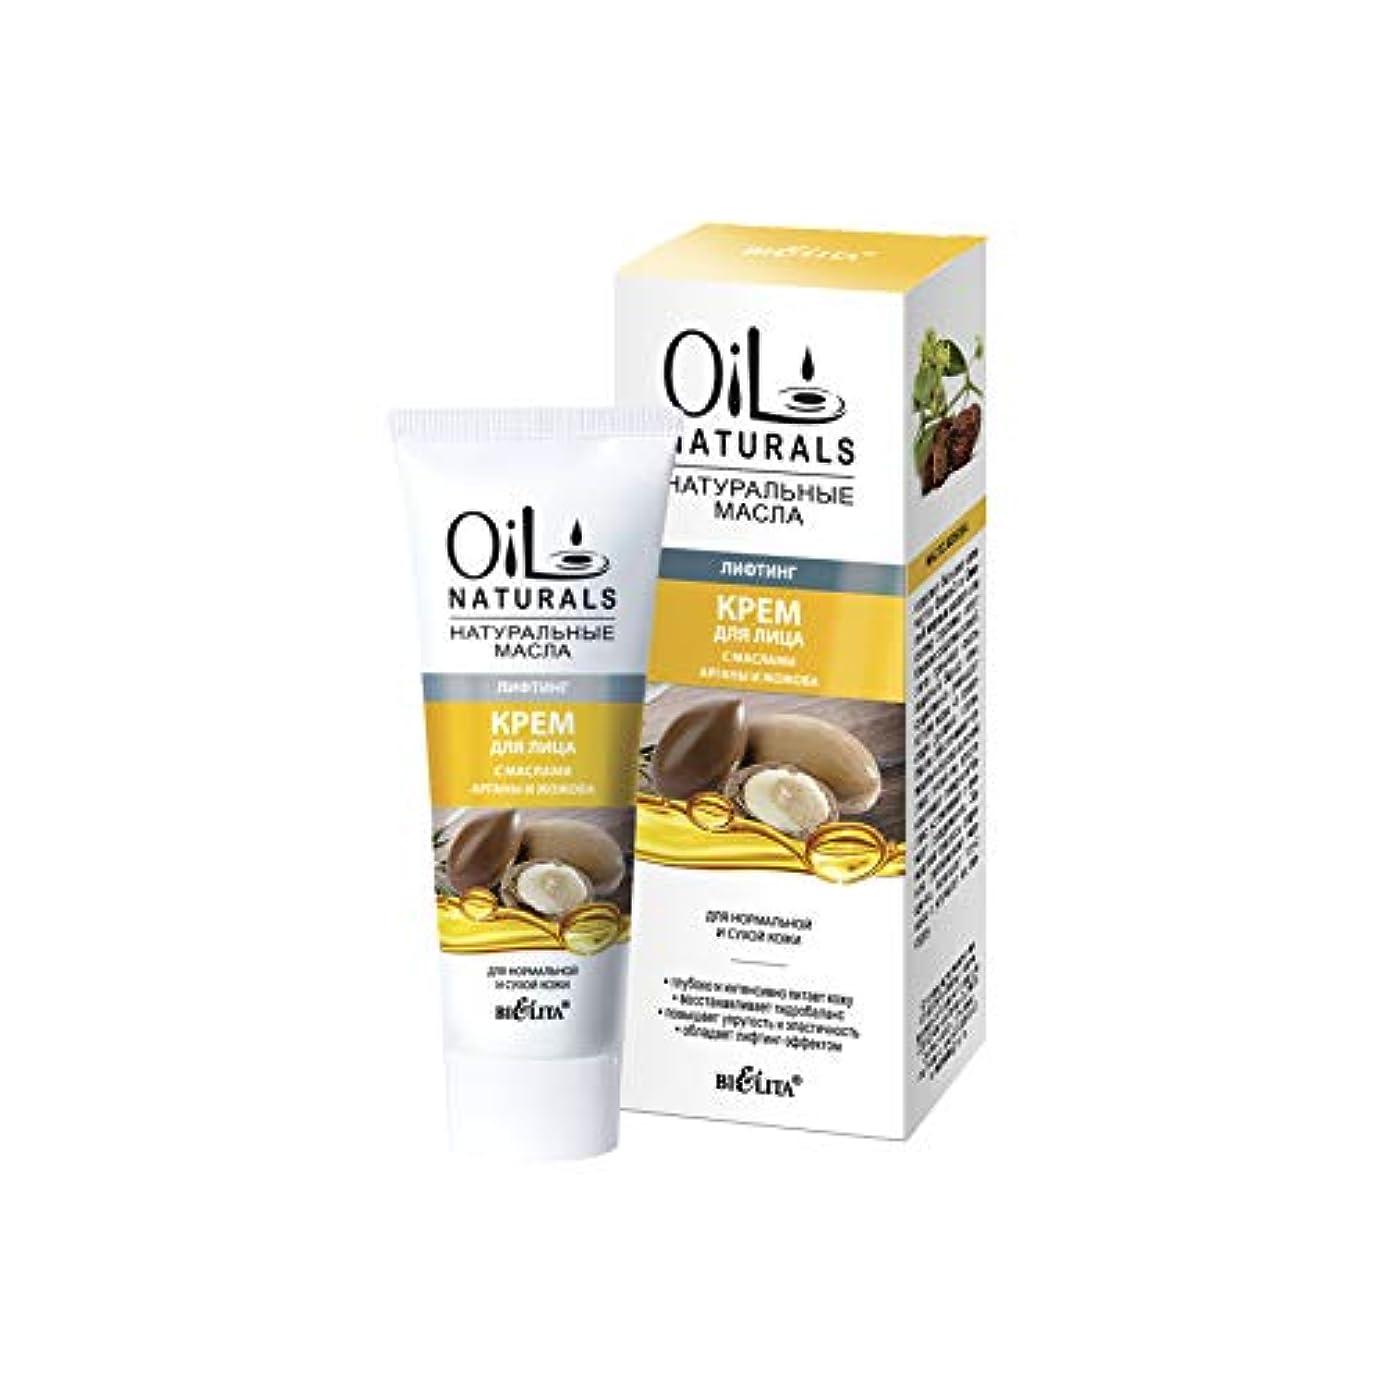 マーティンルーサーキングジュニアトロピカルフリンジBielita & Vitex | Argan Oil, Jojoba Oil Moisturising Cream for the Face 50ml | Intensive Moisturizer With Natural...